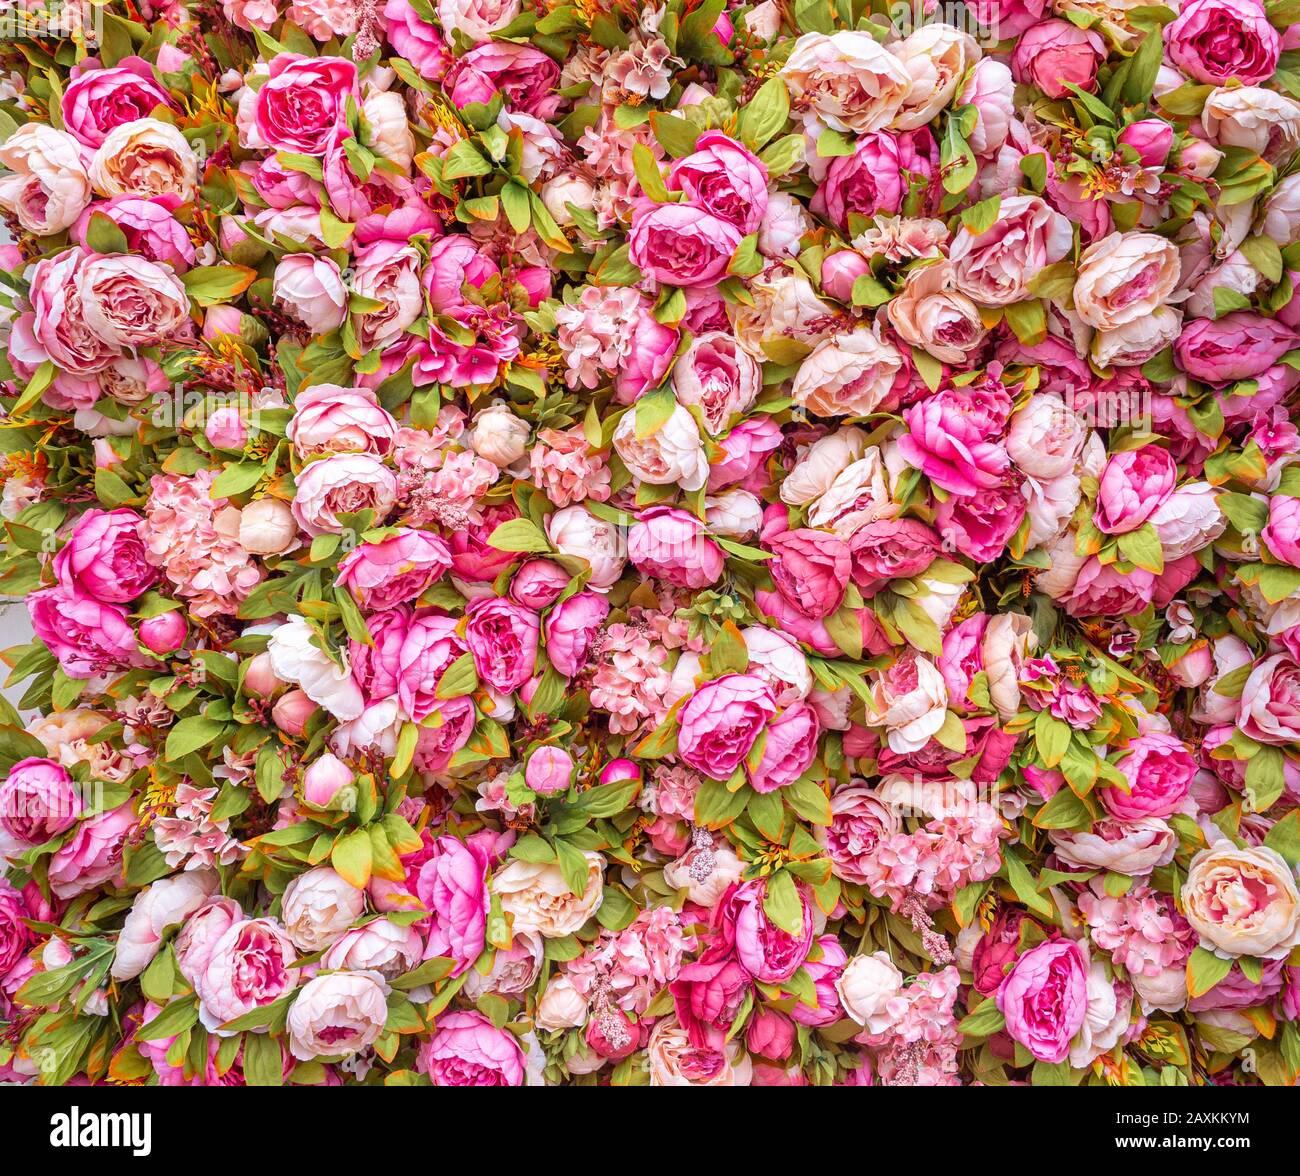 Magnifique toile de fond de pivoines roses artificielles. Décoration festive de mariage. Fond rose floral. Fleurs roses fond Banque D'Images